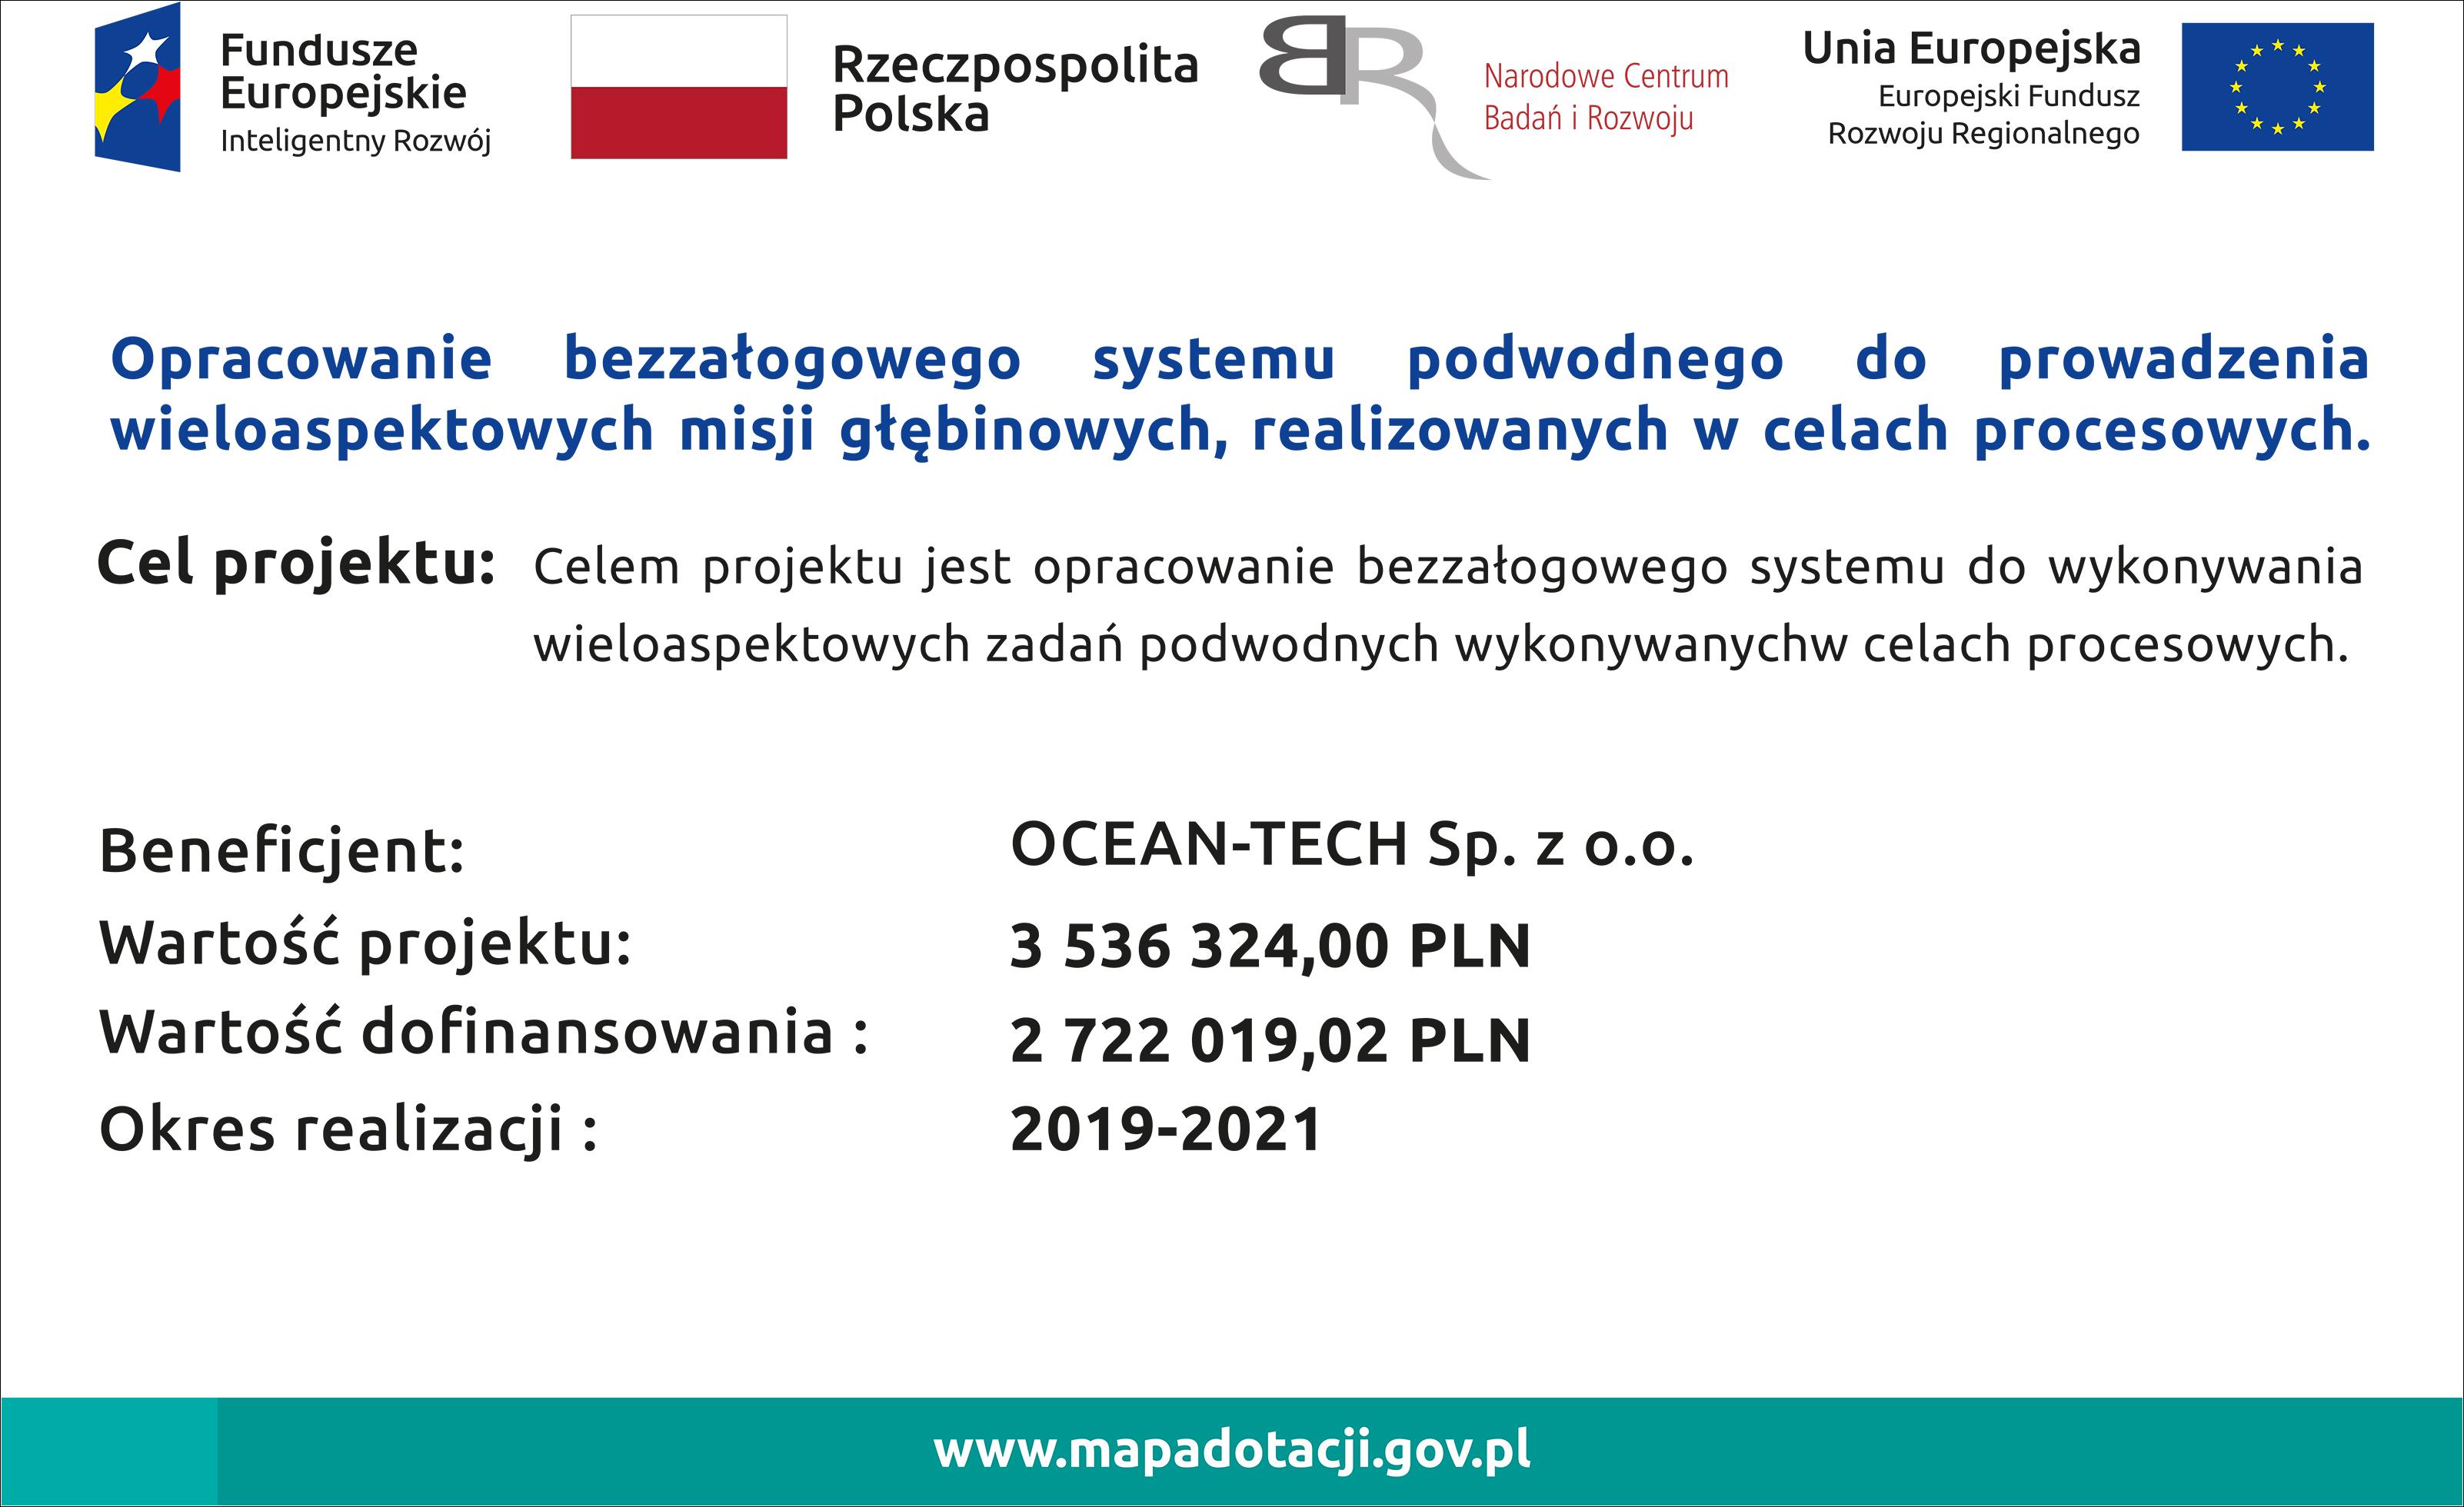 POIR.01.01.01-00-0997/18   Opracowanie bezzałogowego systemu podwodnego